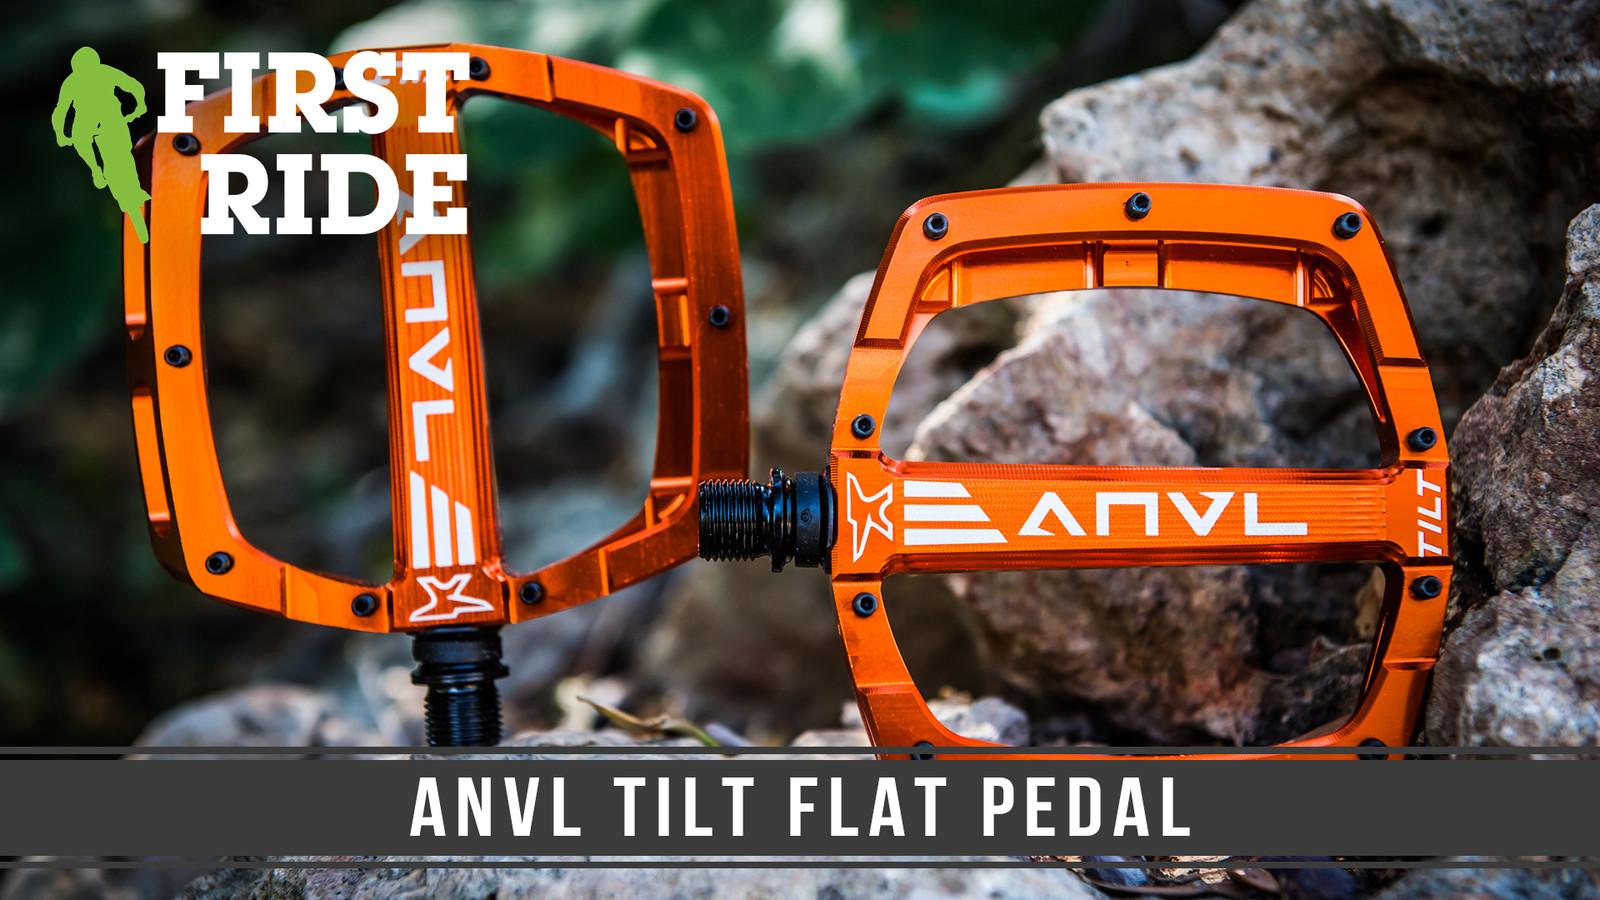 First Ride: ANVL Tilt Flat Pedal